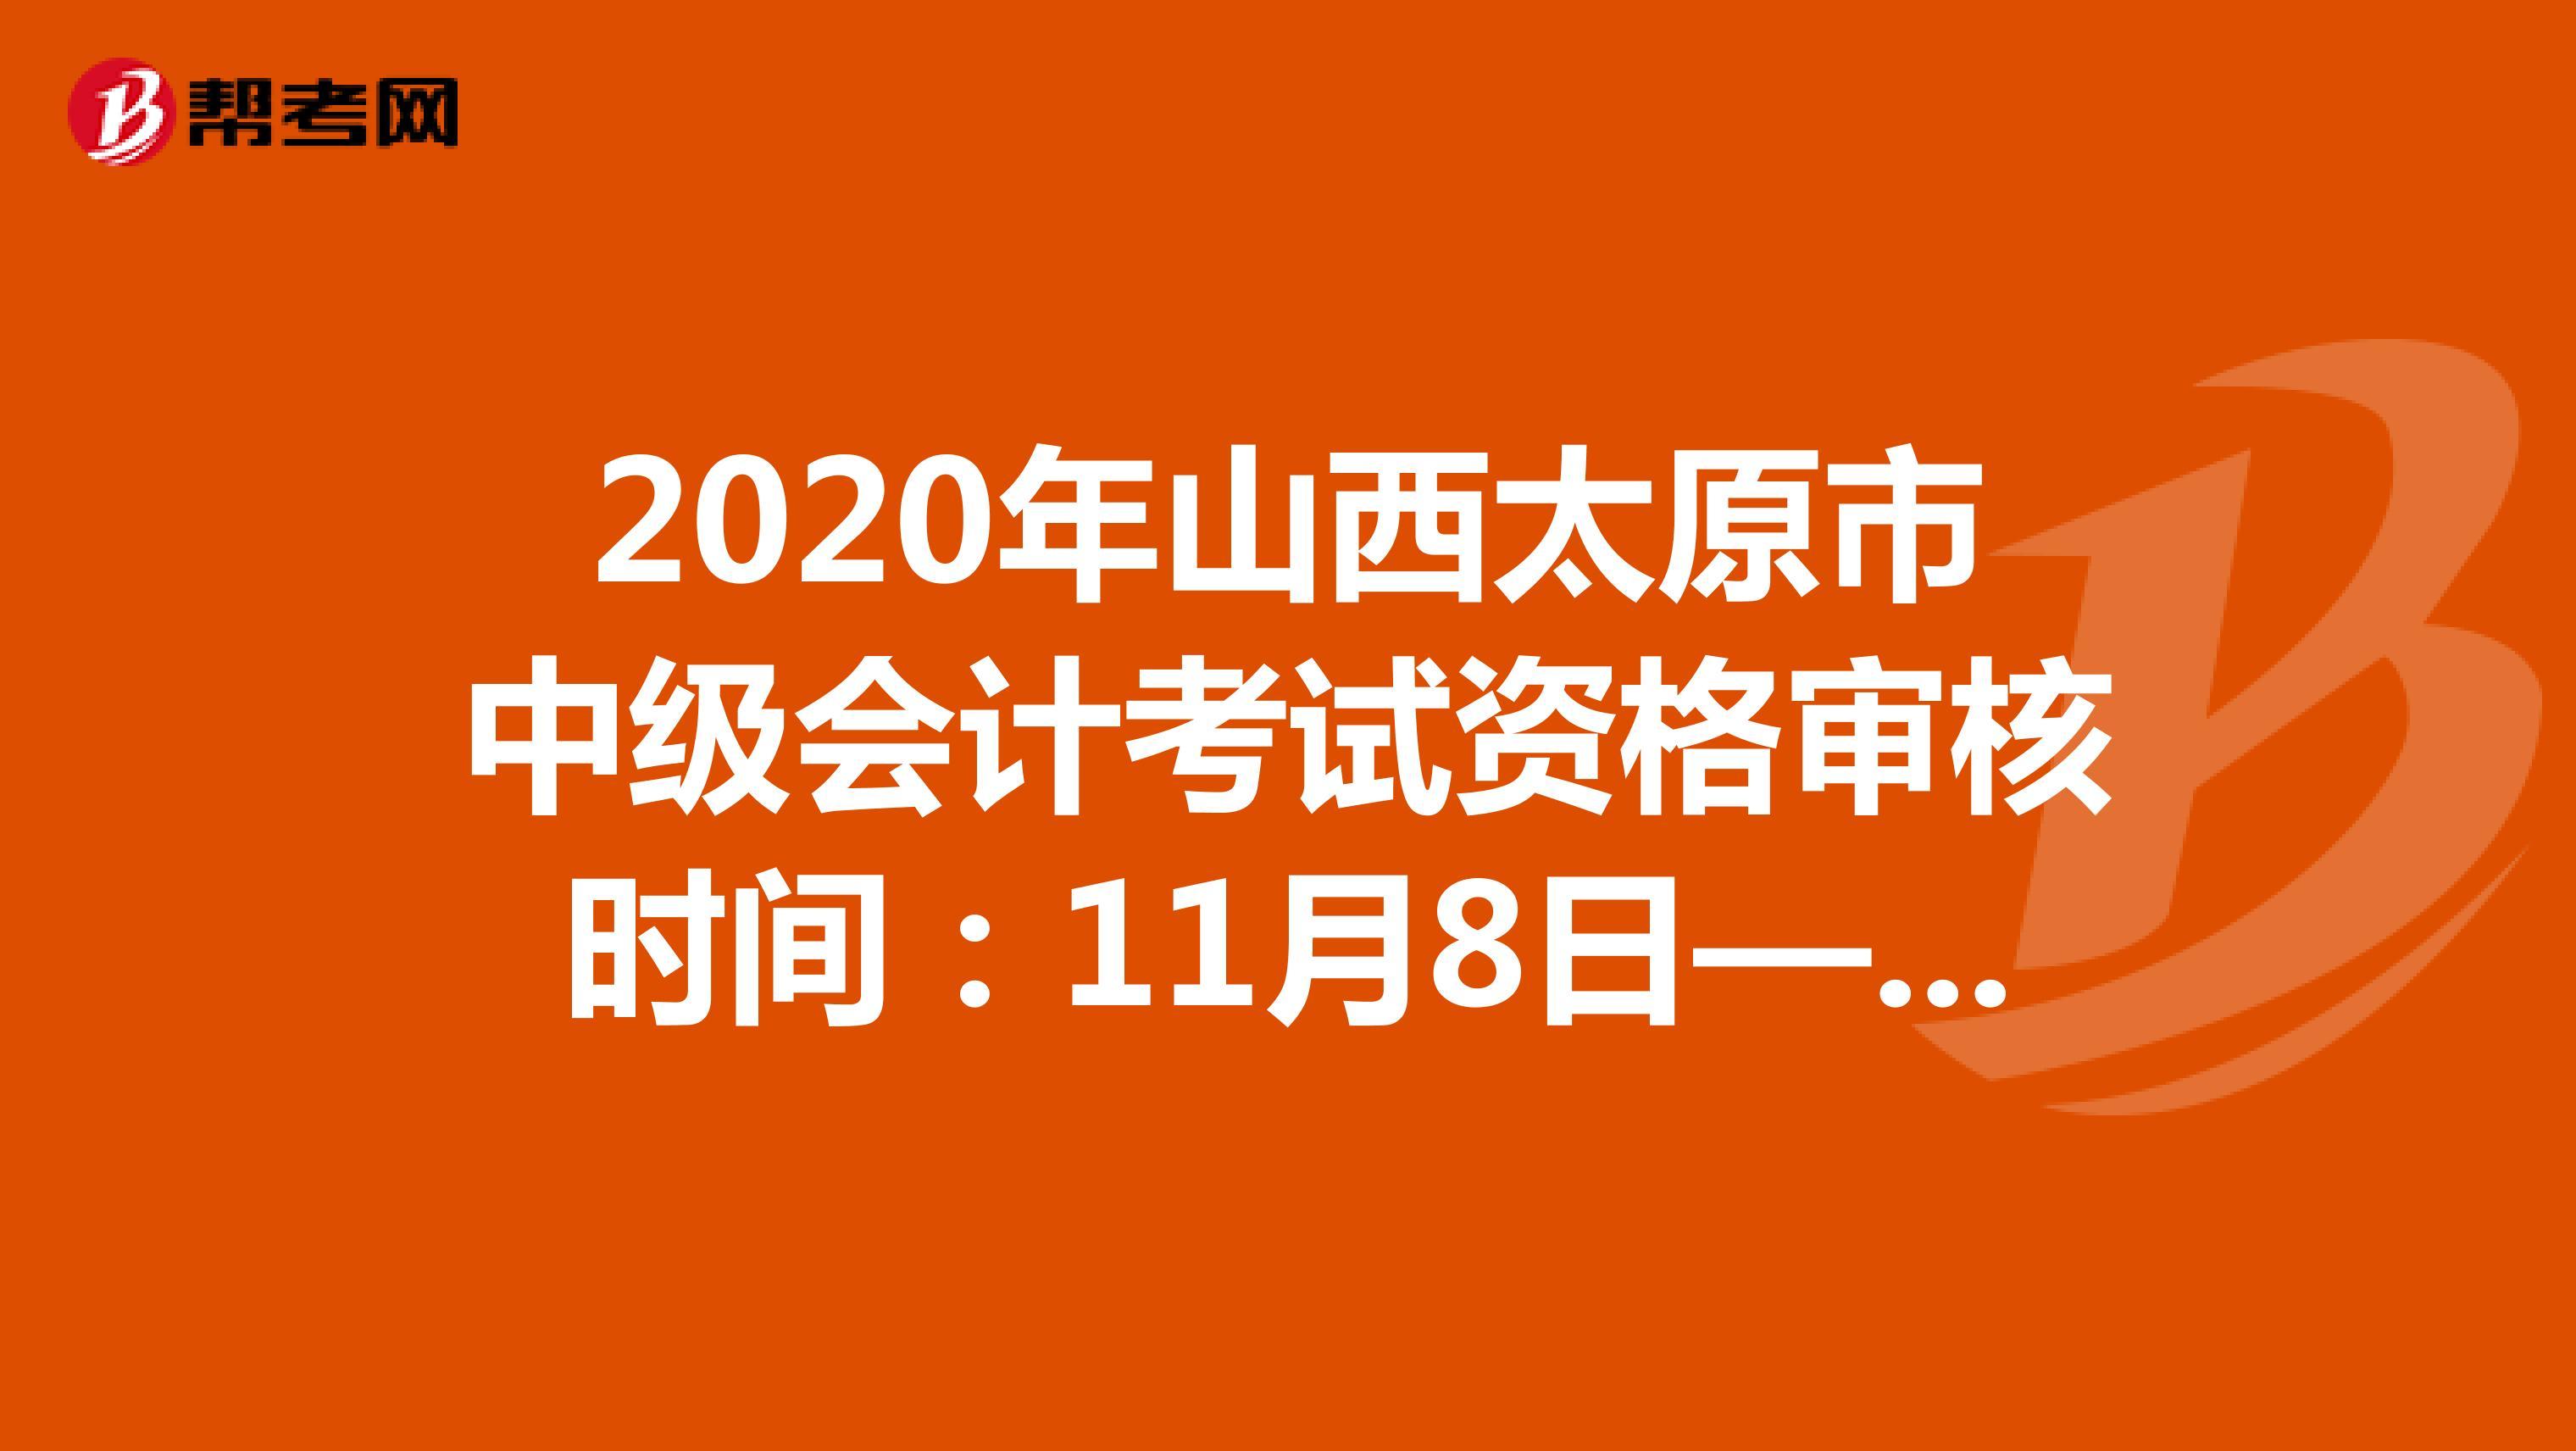 2020年山西太原市中级会计考试资格审核时间:11月8日—11月13日